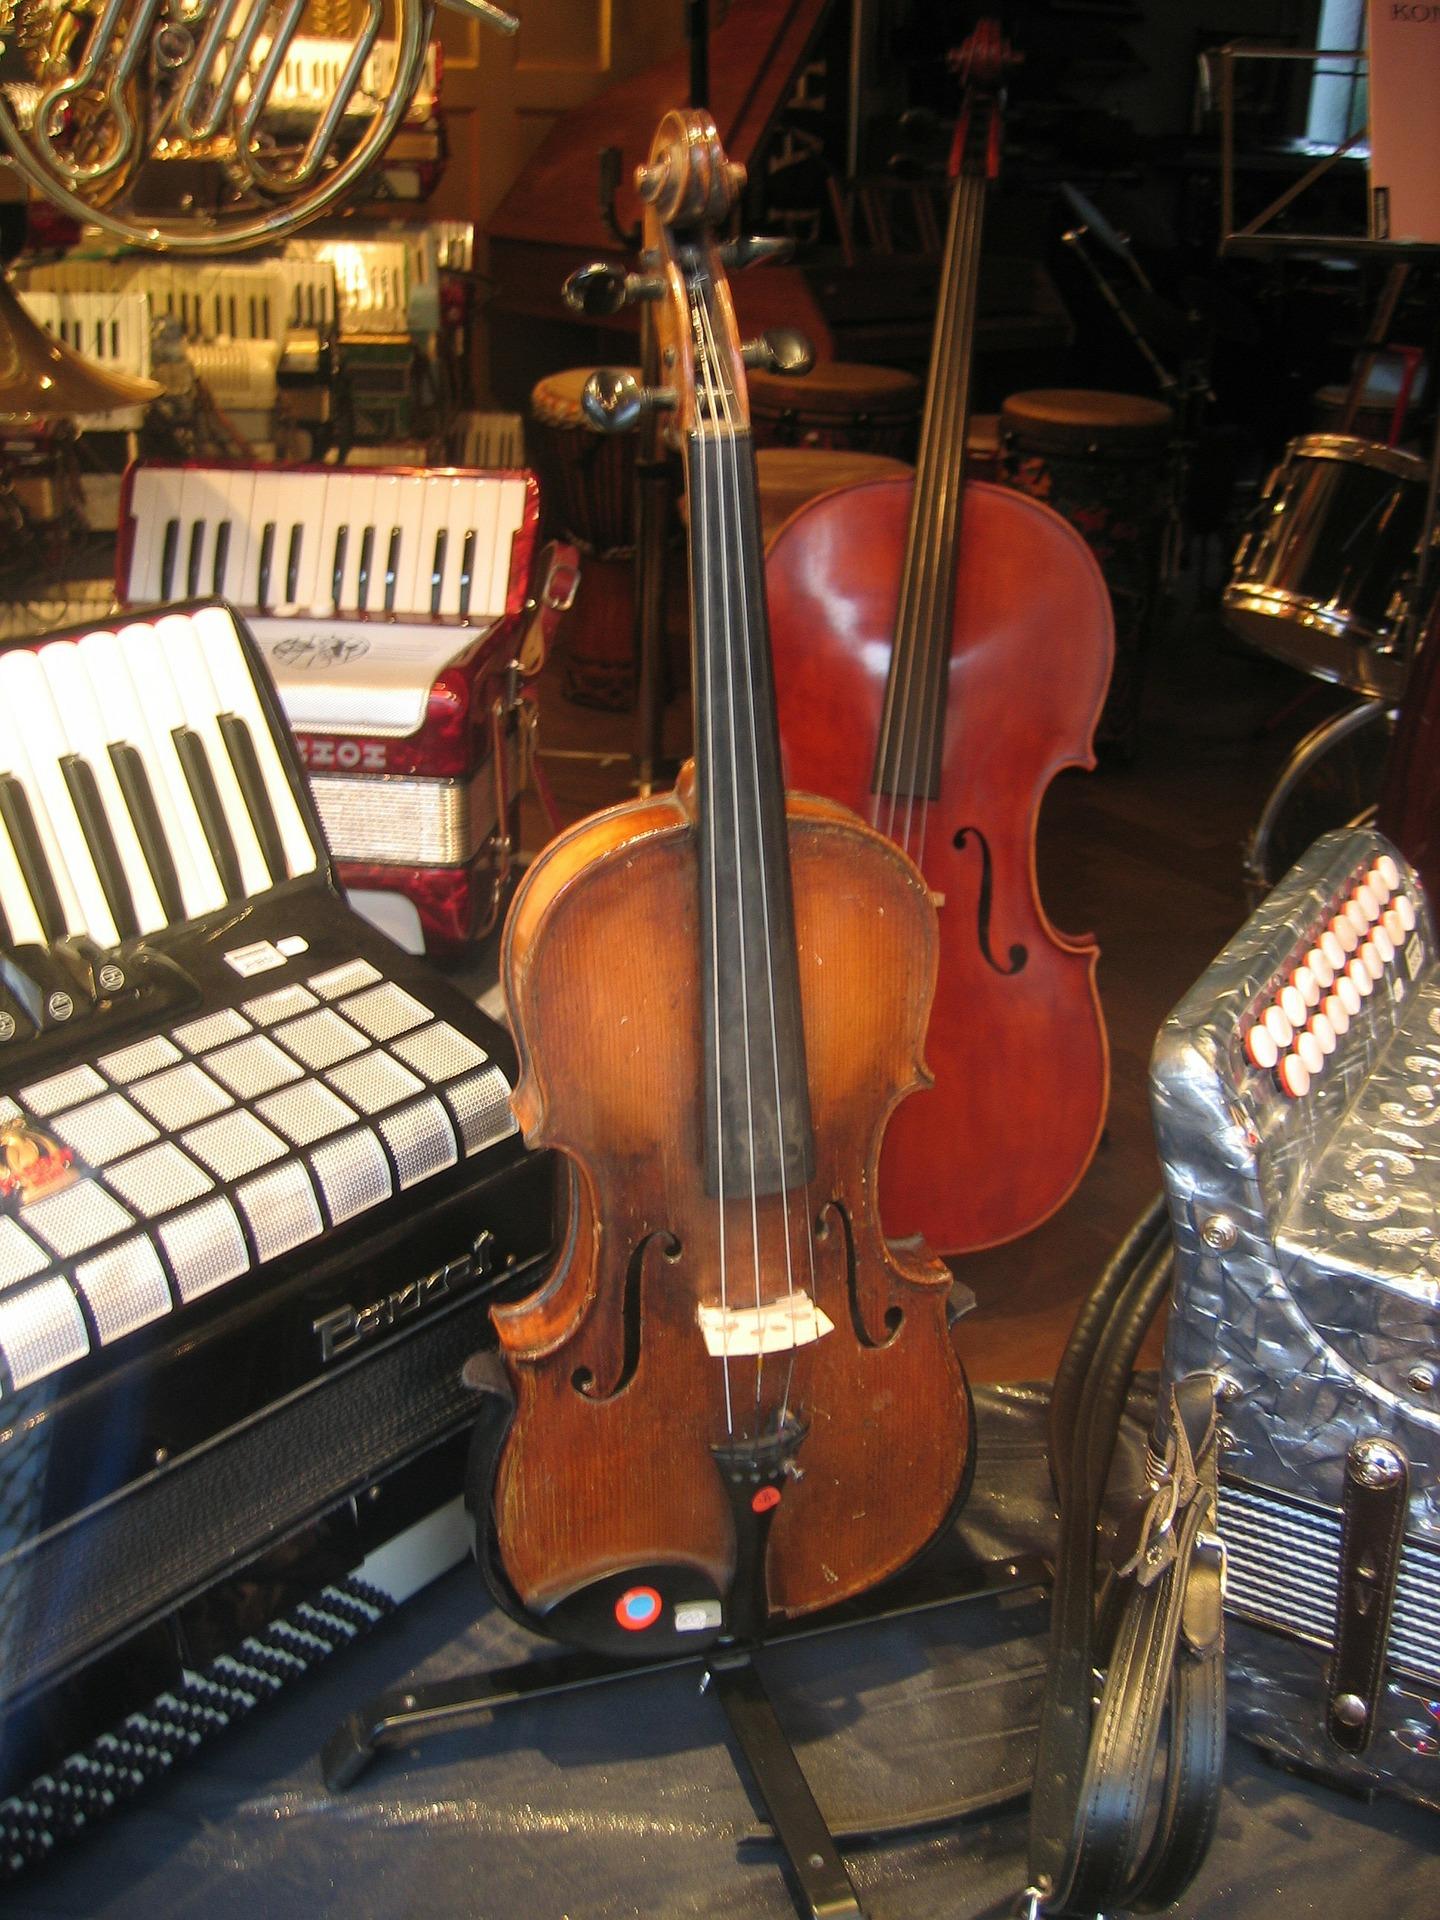 Devriez vous acheter des instruments de musique d'occasion ?